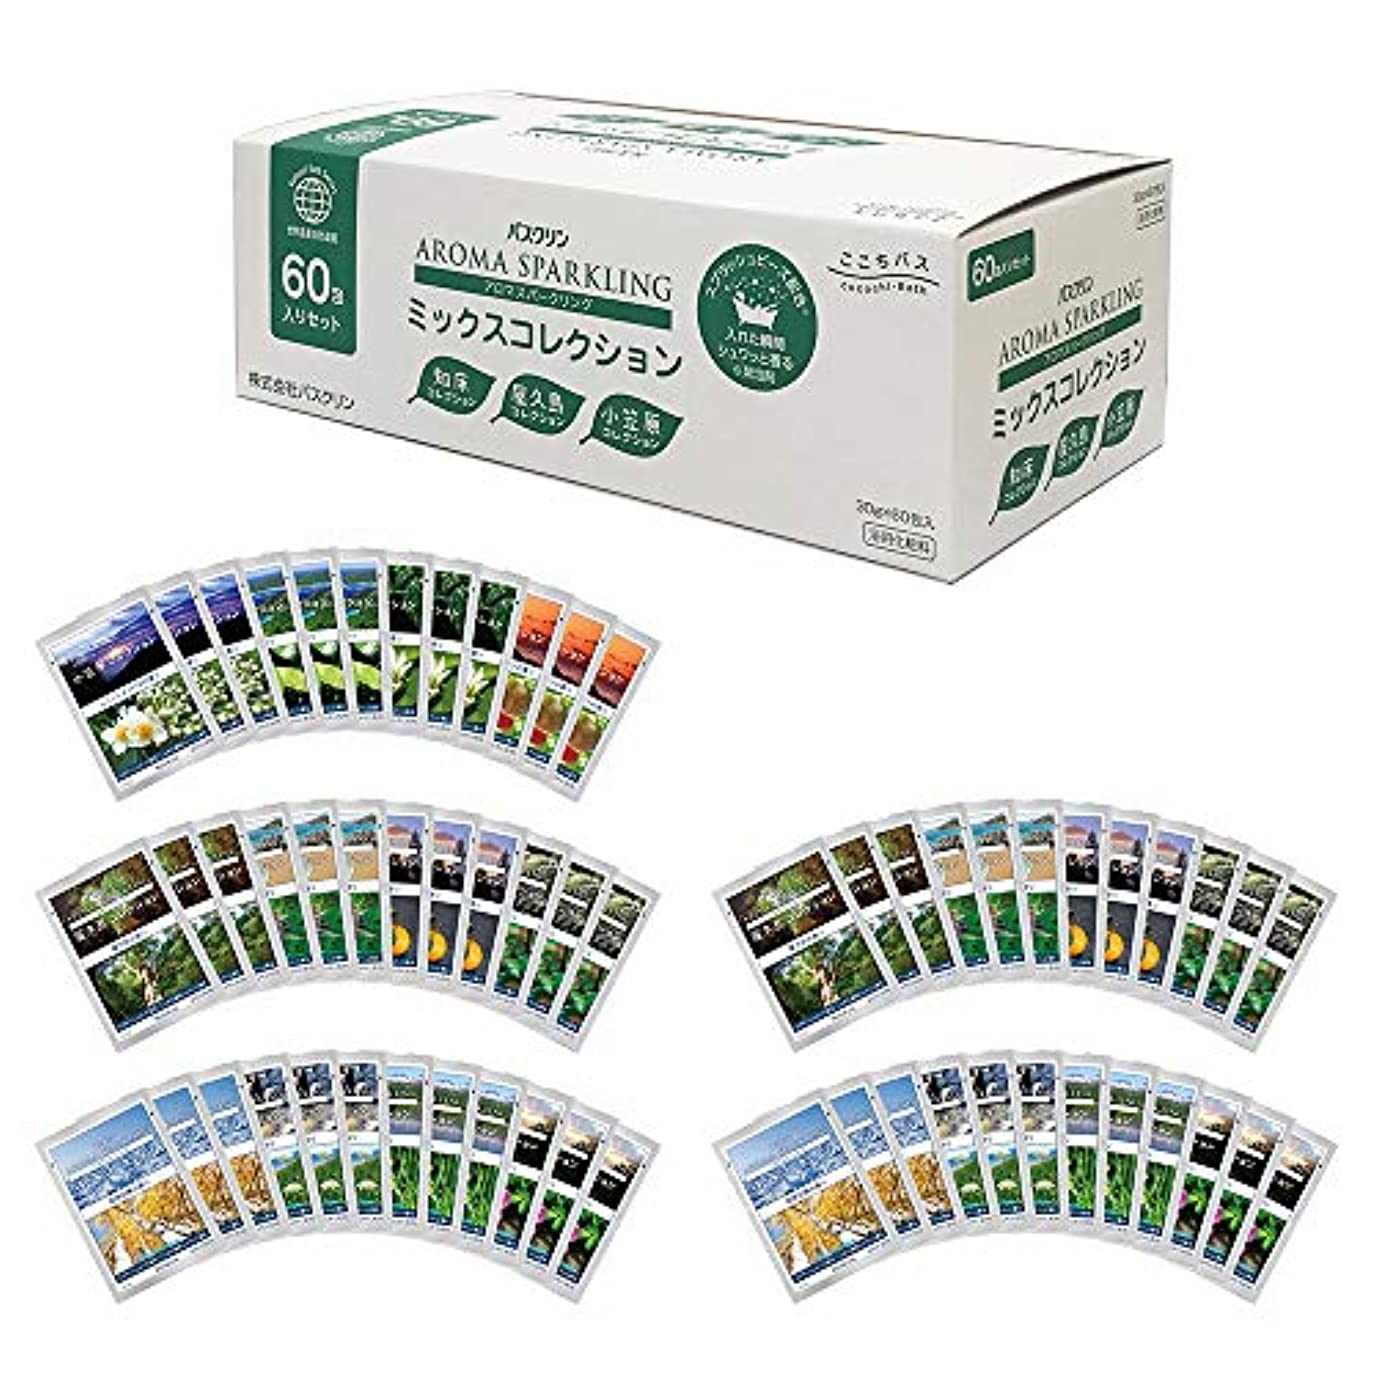 ヘビー温かいただ【Amazon限定ブランド】ここちバス バスクリン 入浴剤  アロマスパークリング ミックスコレクション 60包入り 個包装 詰め合わせ